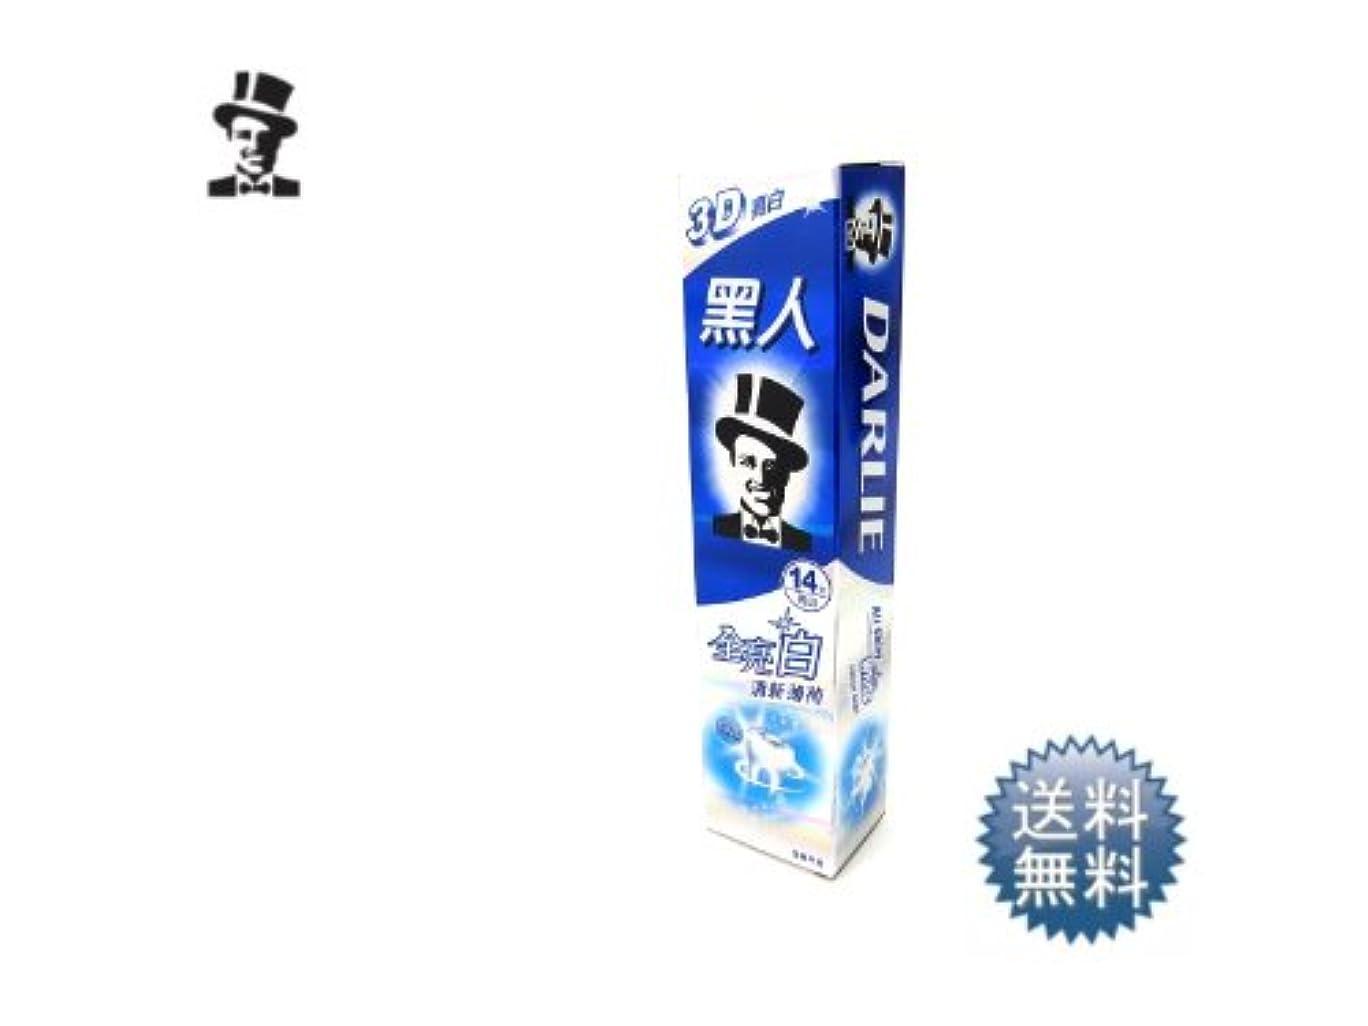 ピービッシュカセット乙女台湾 黒人 歯磨き粉 全亮白 清新薄荷 140g